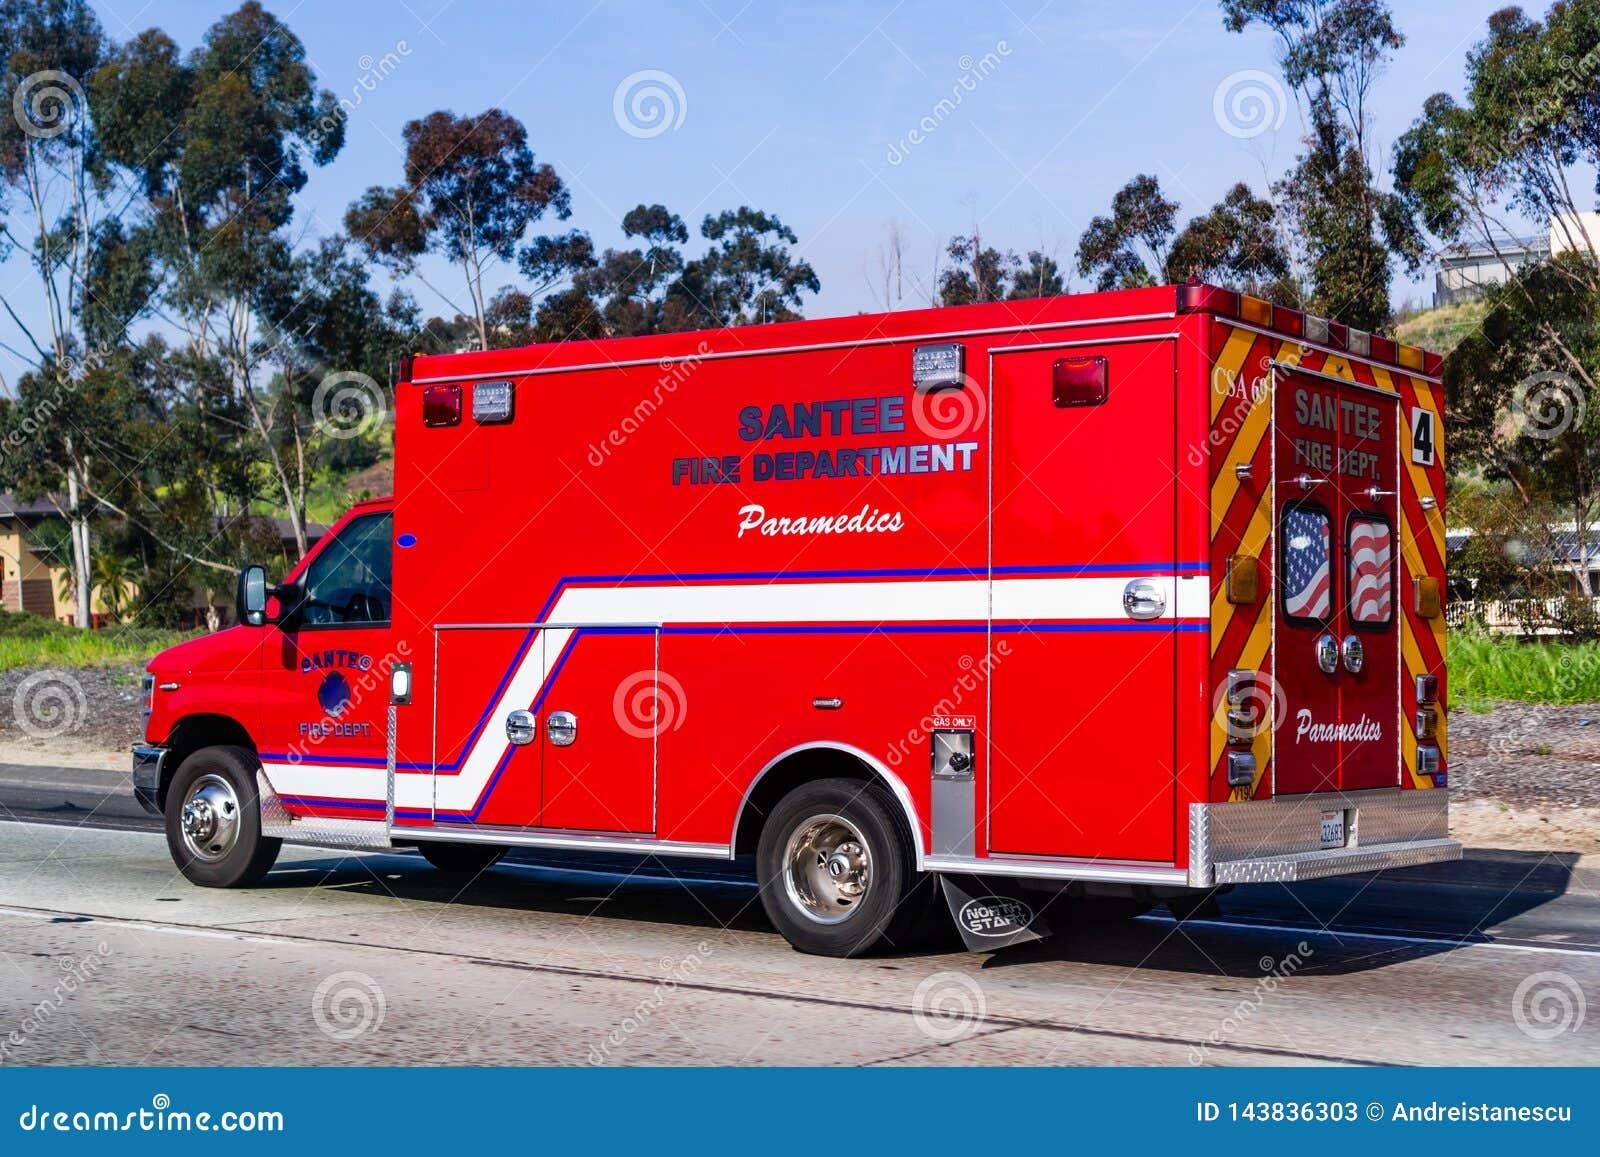 2019年3月19日Santee/加州/美国-射击Deparment医务人员车辆驾驶在街道